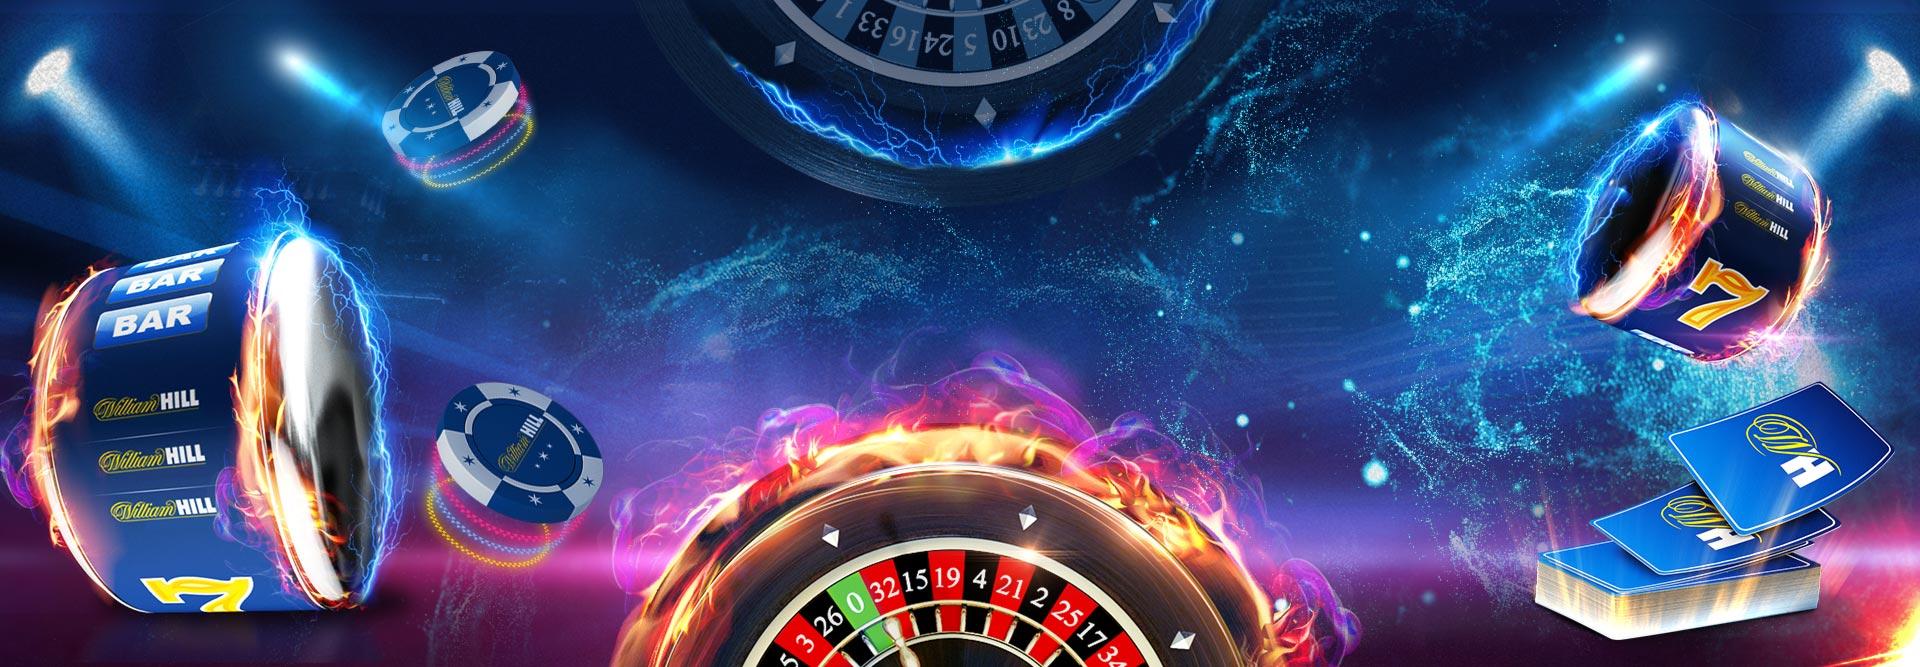 Рулетка без вложений с выводом реальных денег кс смотреть онлайн покер в hd 720